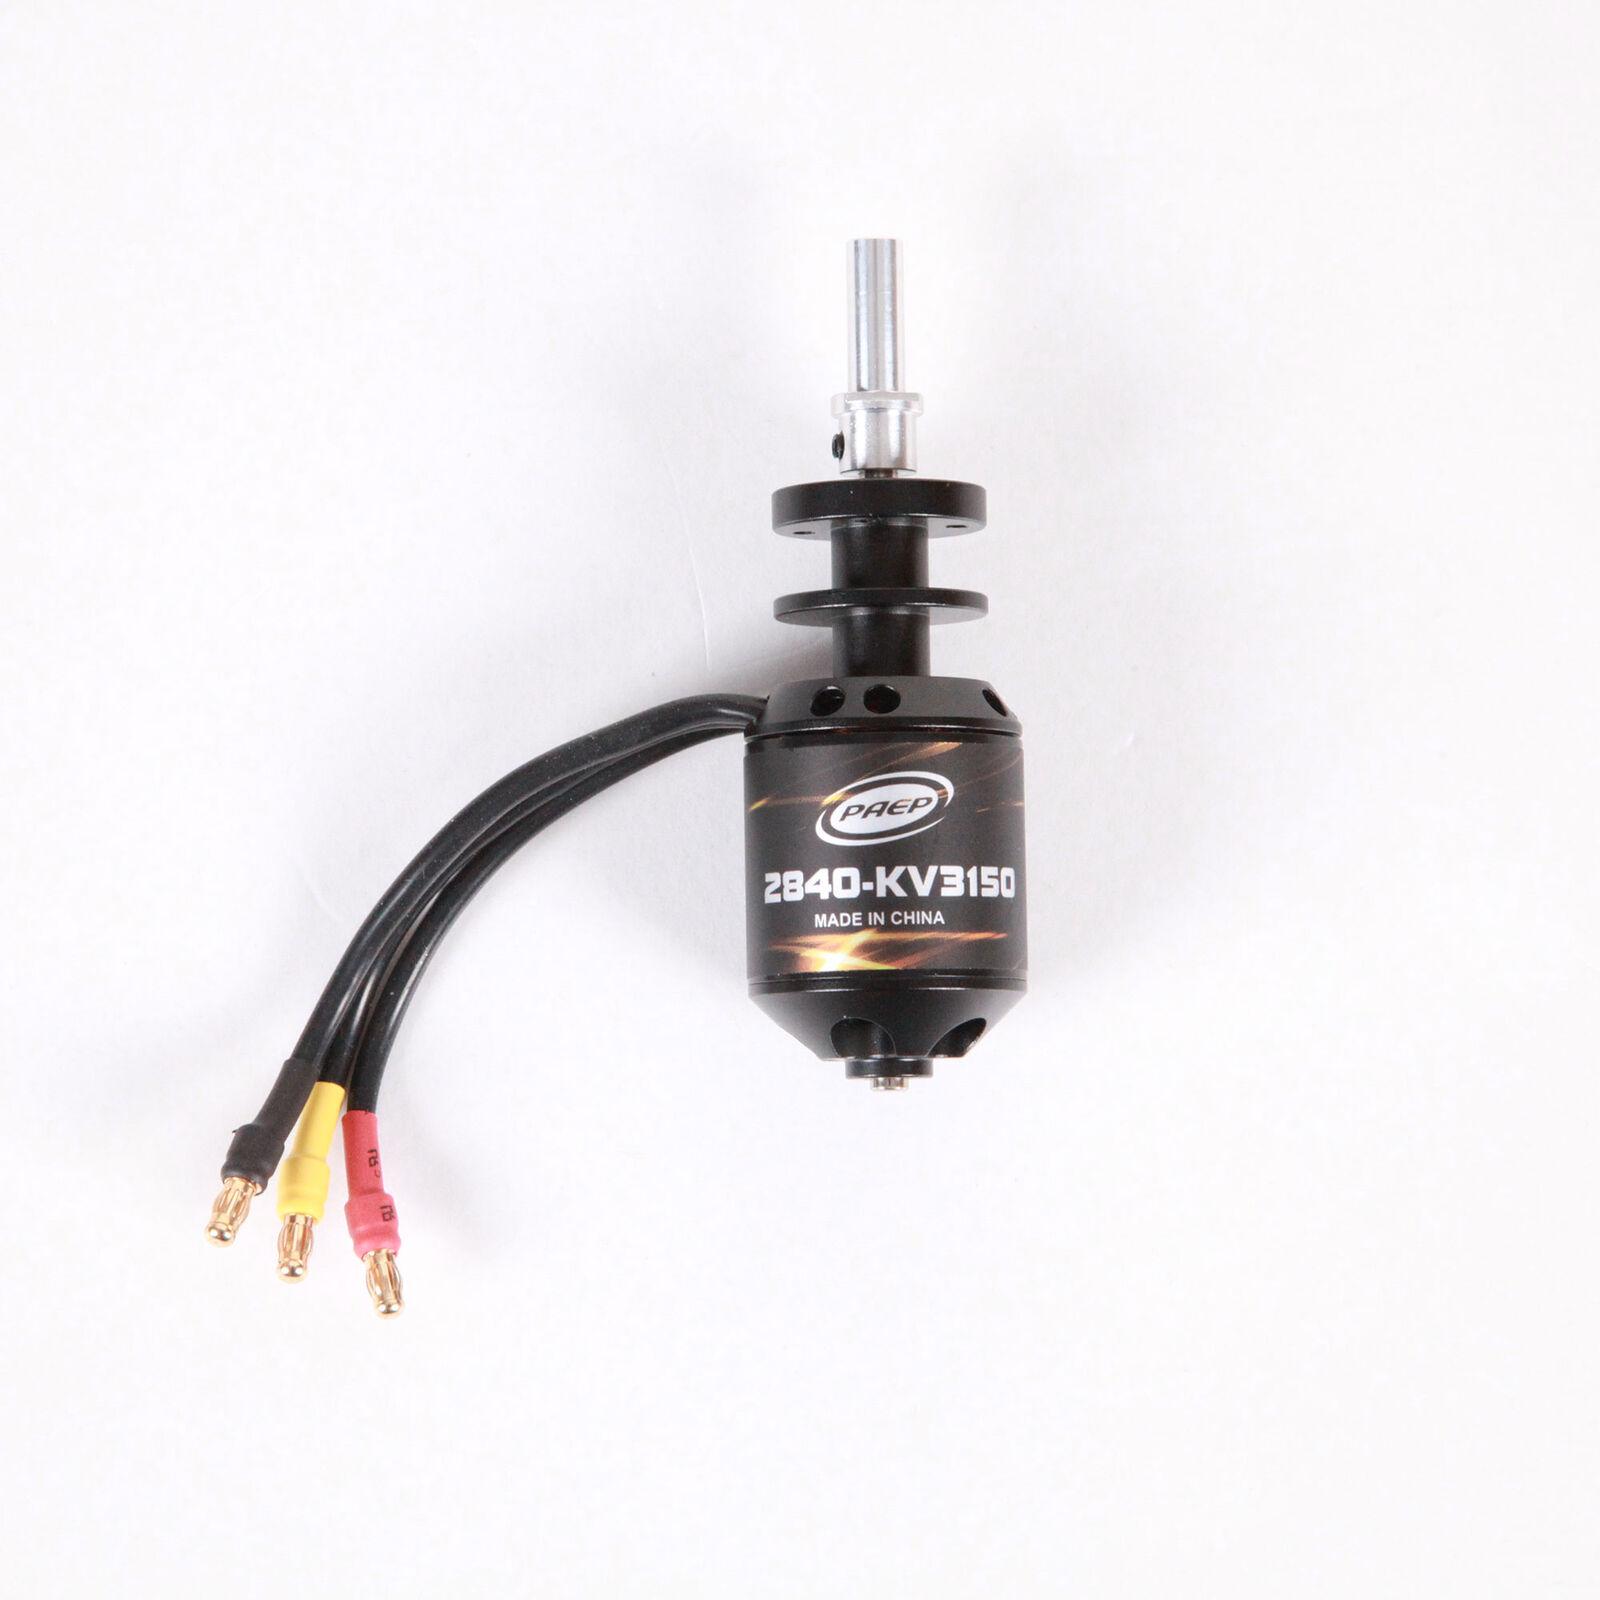 Motor 2840-3150Kv for Ducted Fan